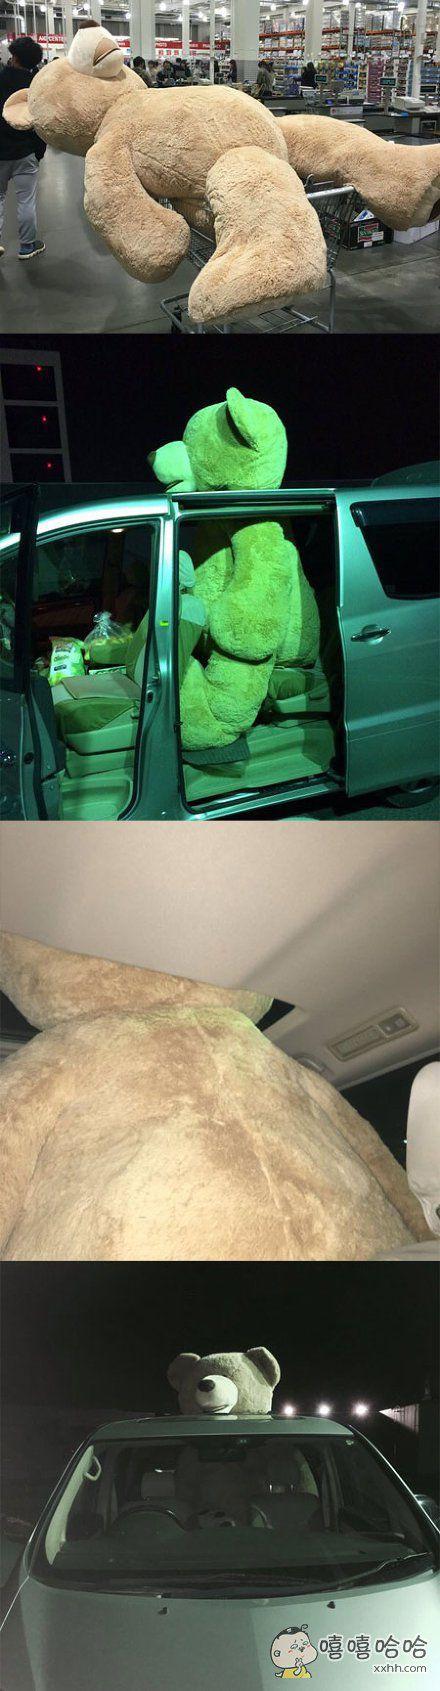 岛国一小哥脑子发热买下了一只超大泰迪熊,然而自己的车子太小塞不下,于是采取了这种搬运方式。。。感觉路人的心灵都受到了洗礼